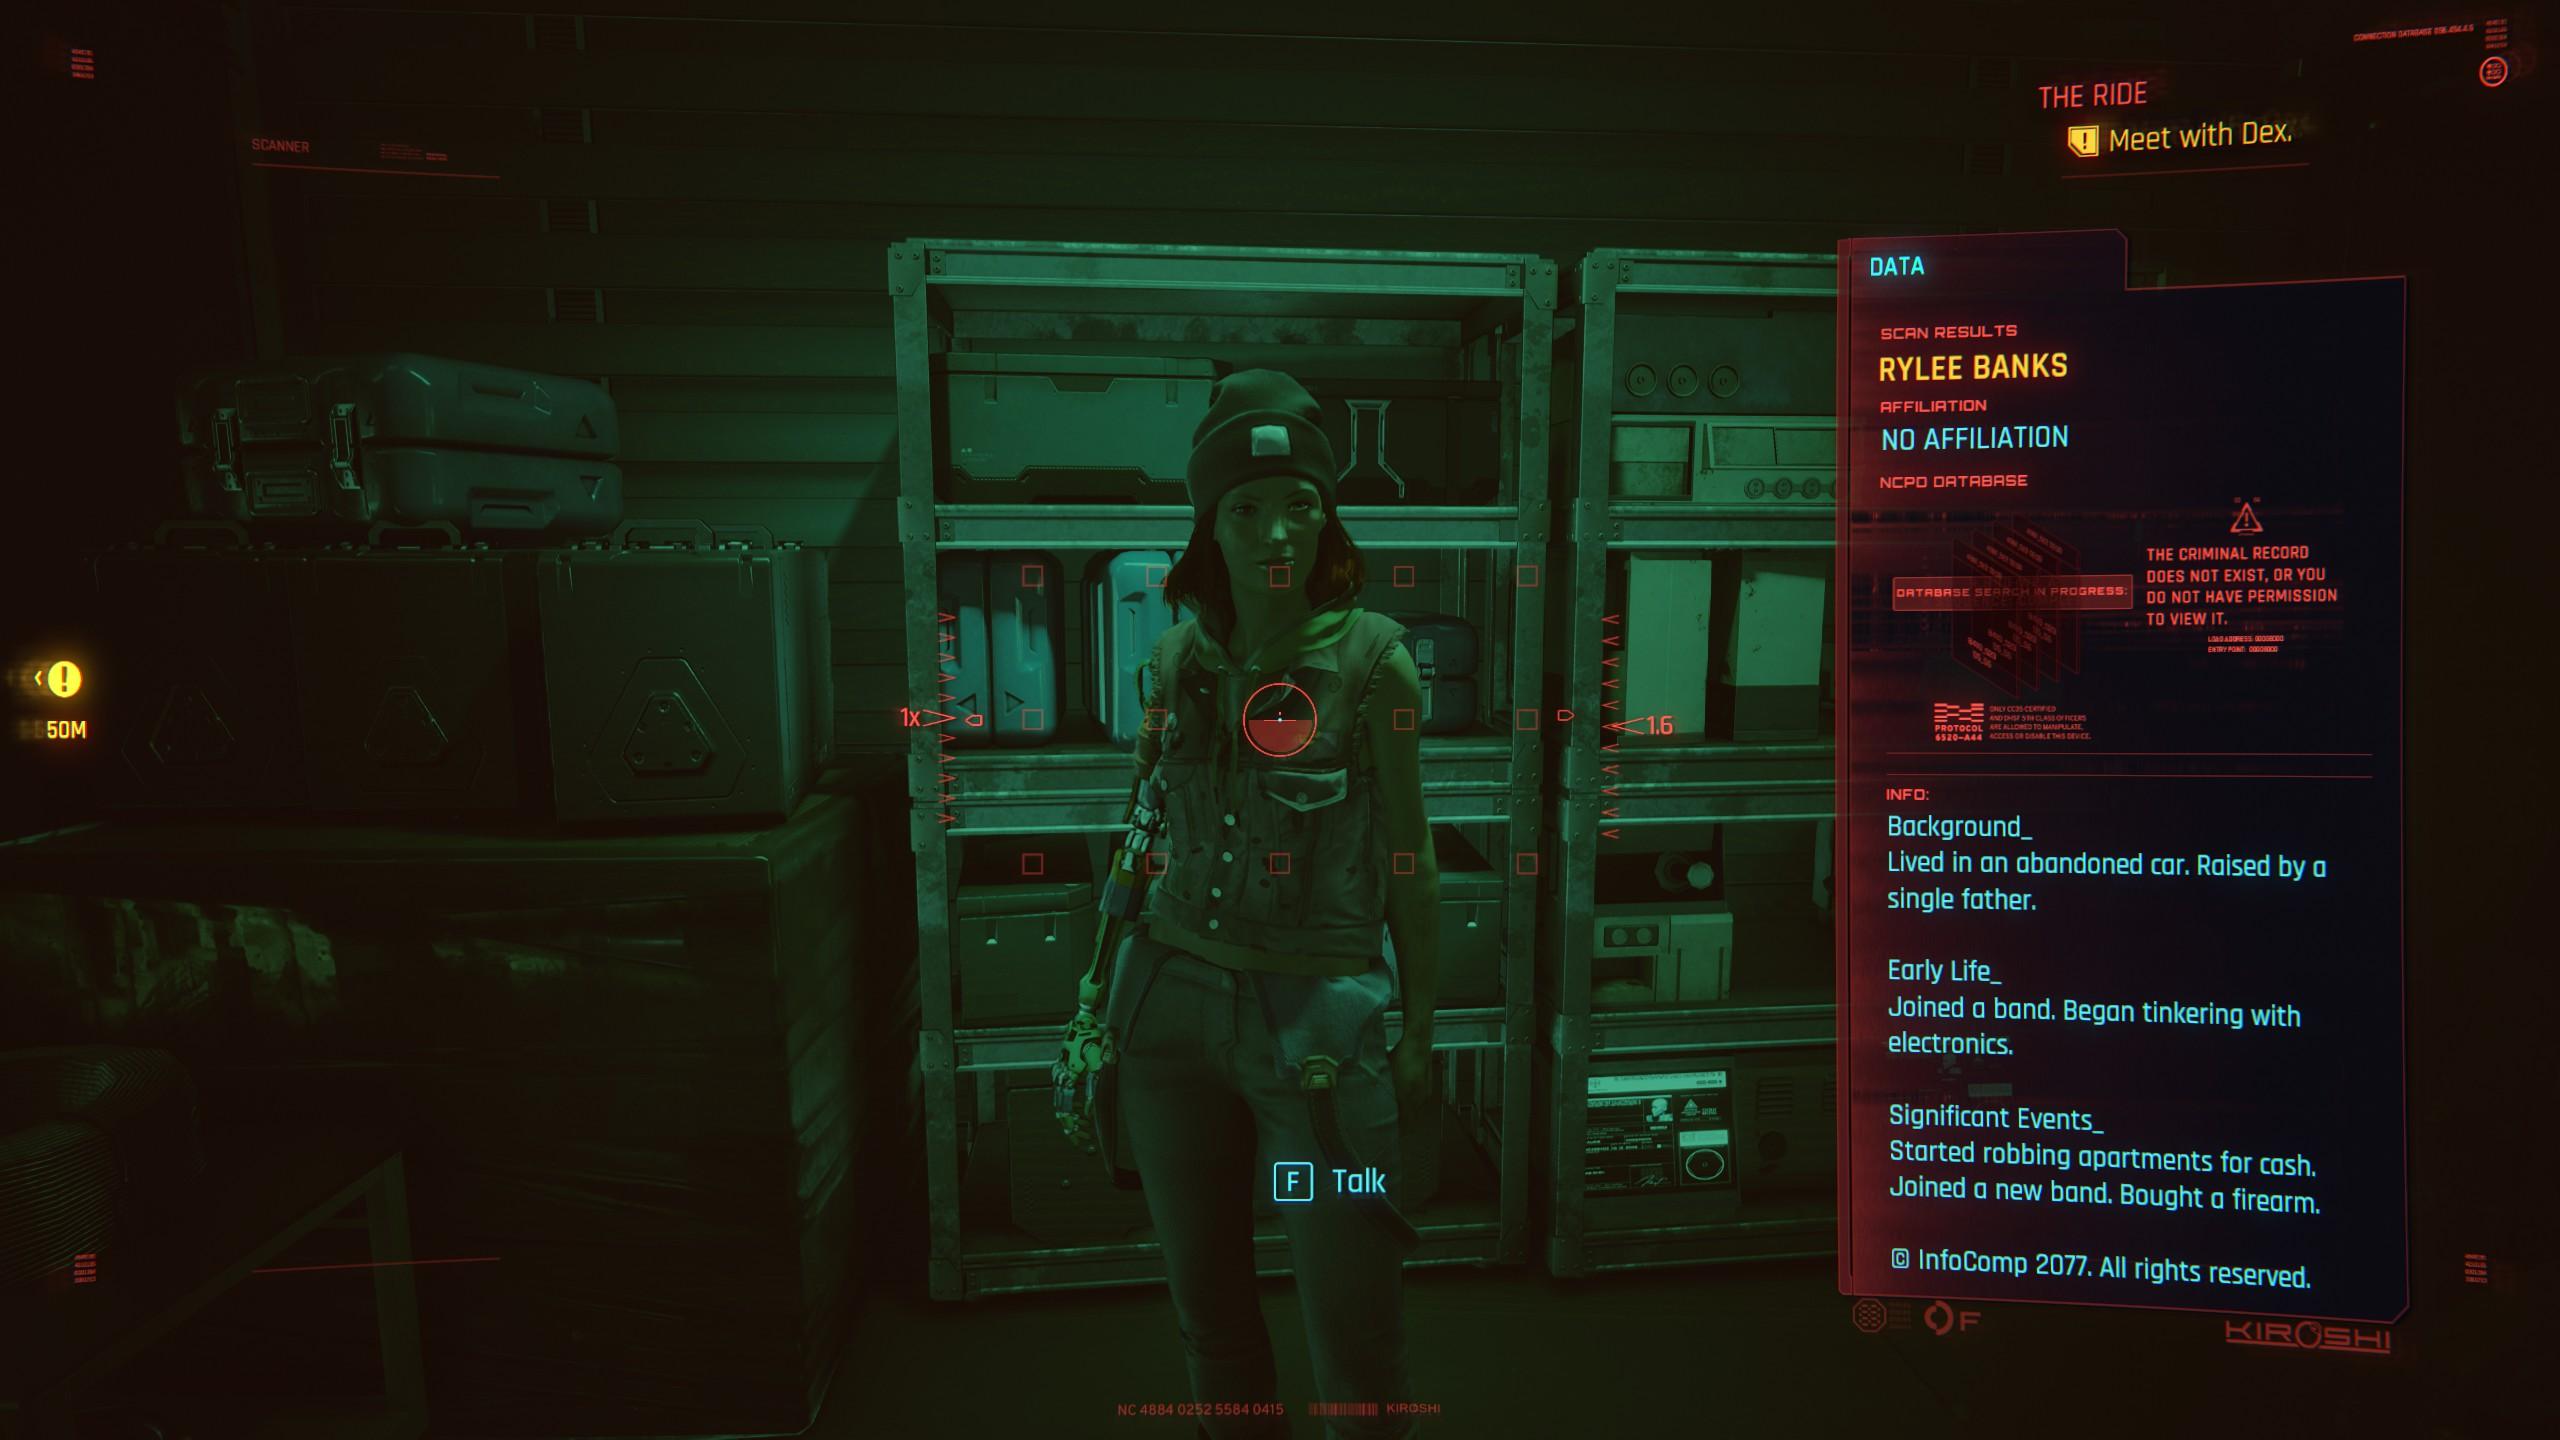 Моддеры добавили прохожим в Cyberpunk 2077 предыстории в духе Watch Dogs